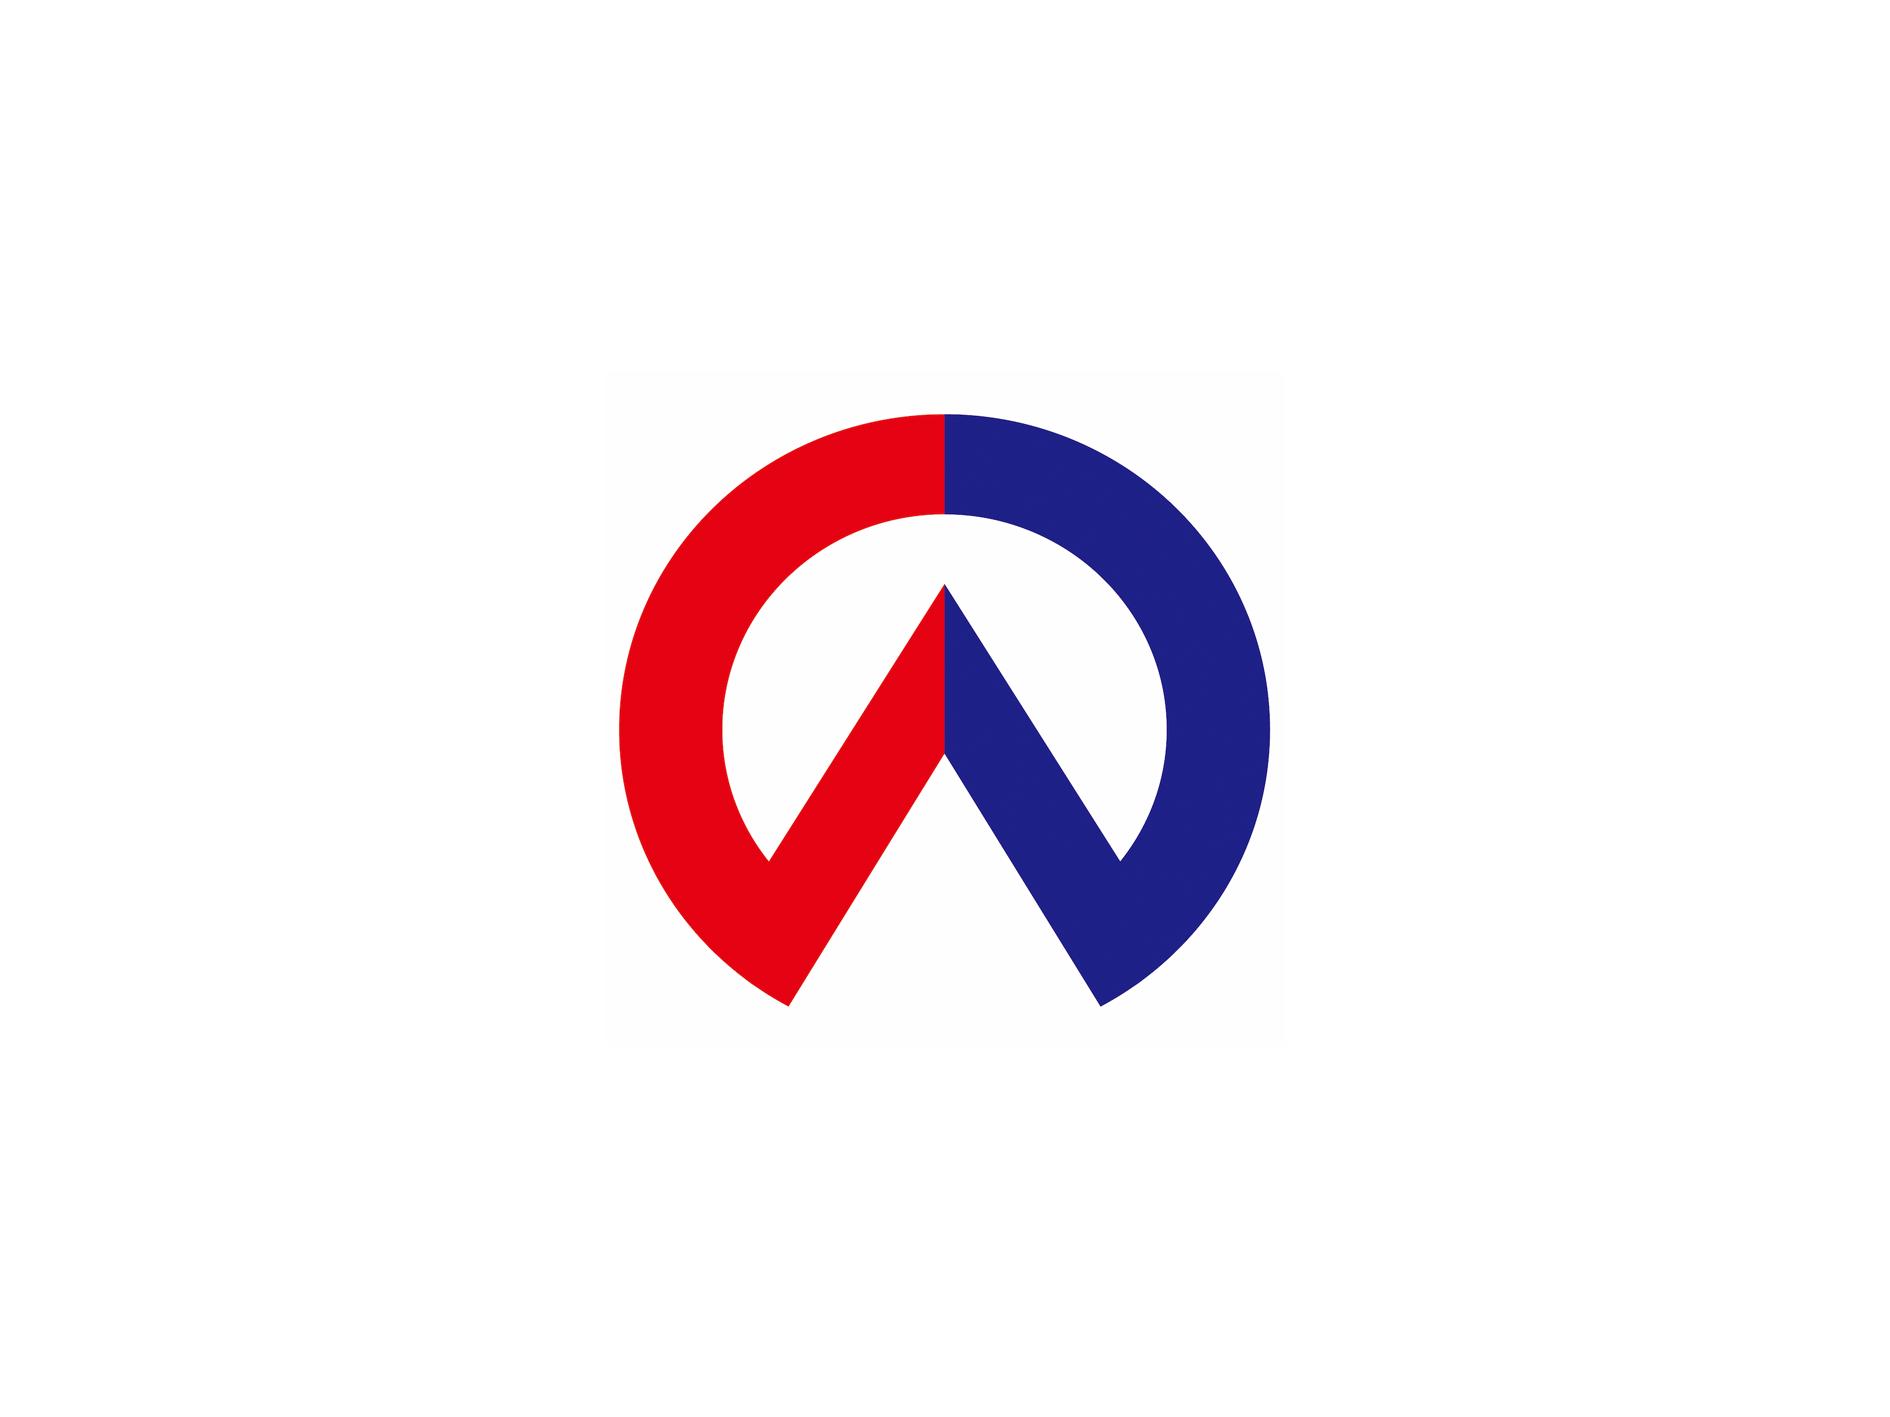 鲸城(山东)澳门大发888网上平台科技有限公司